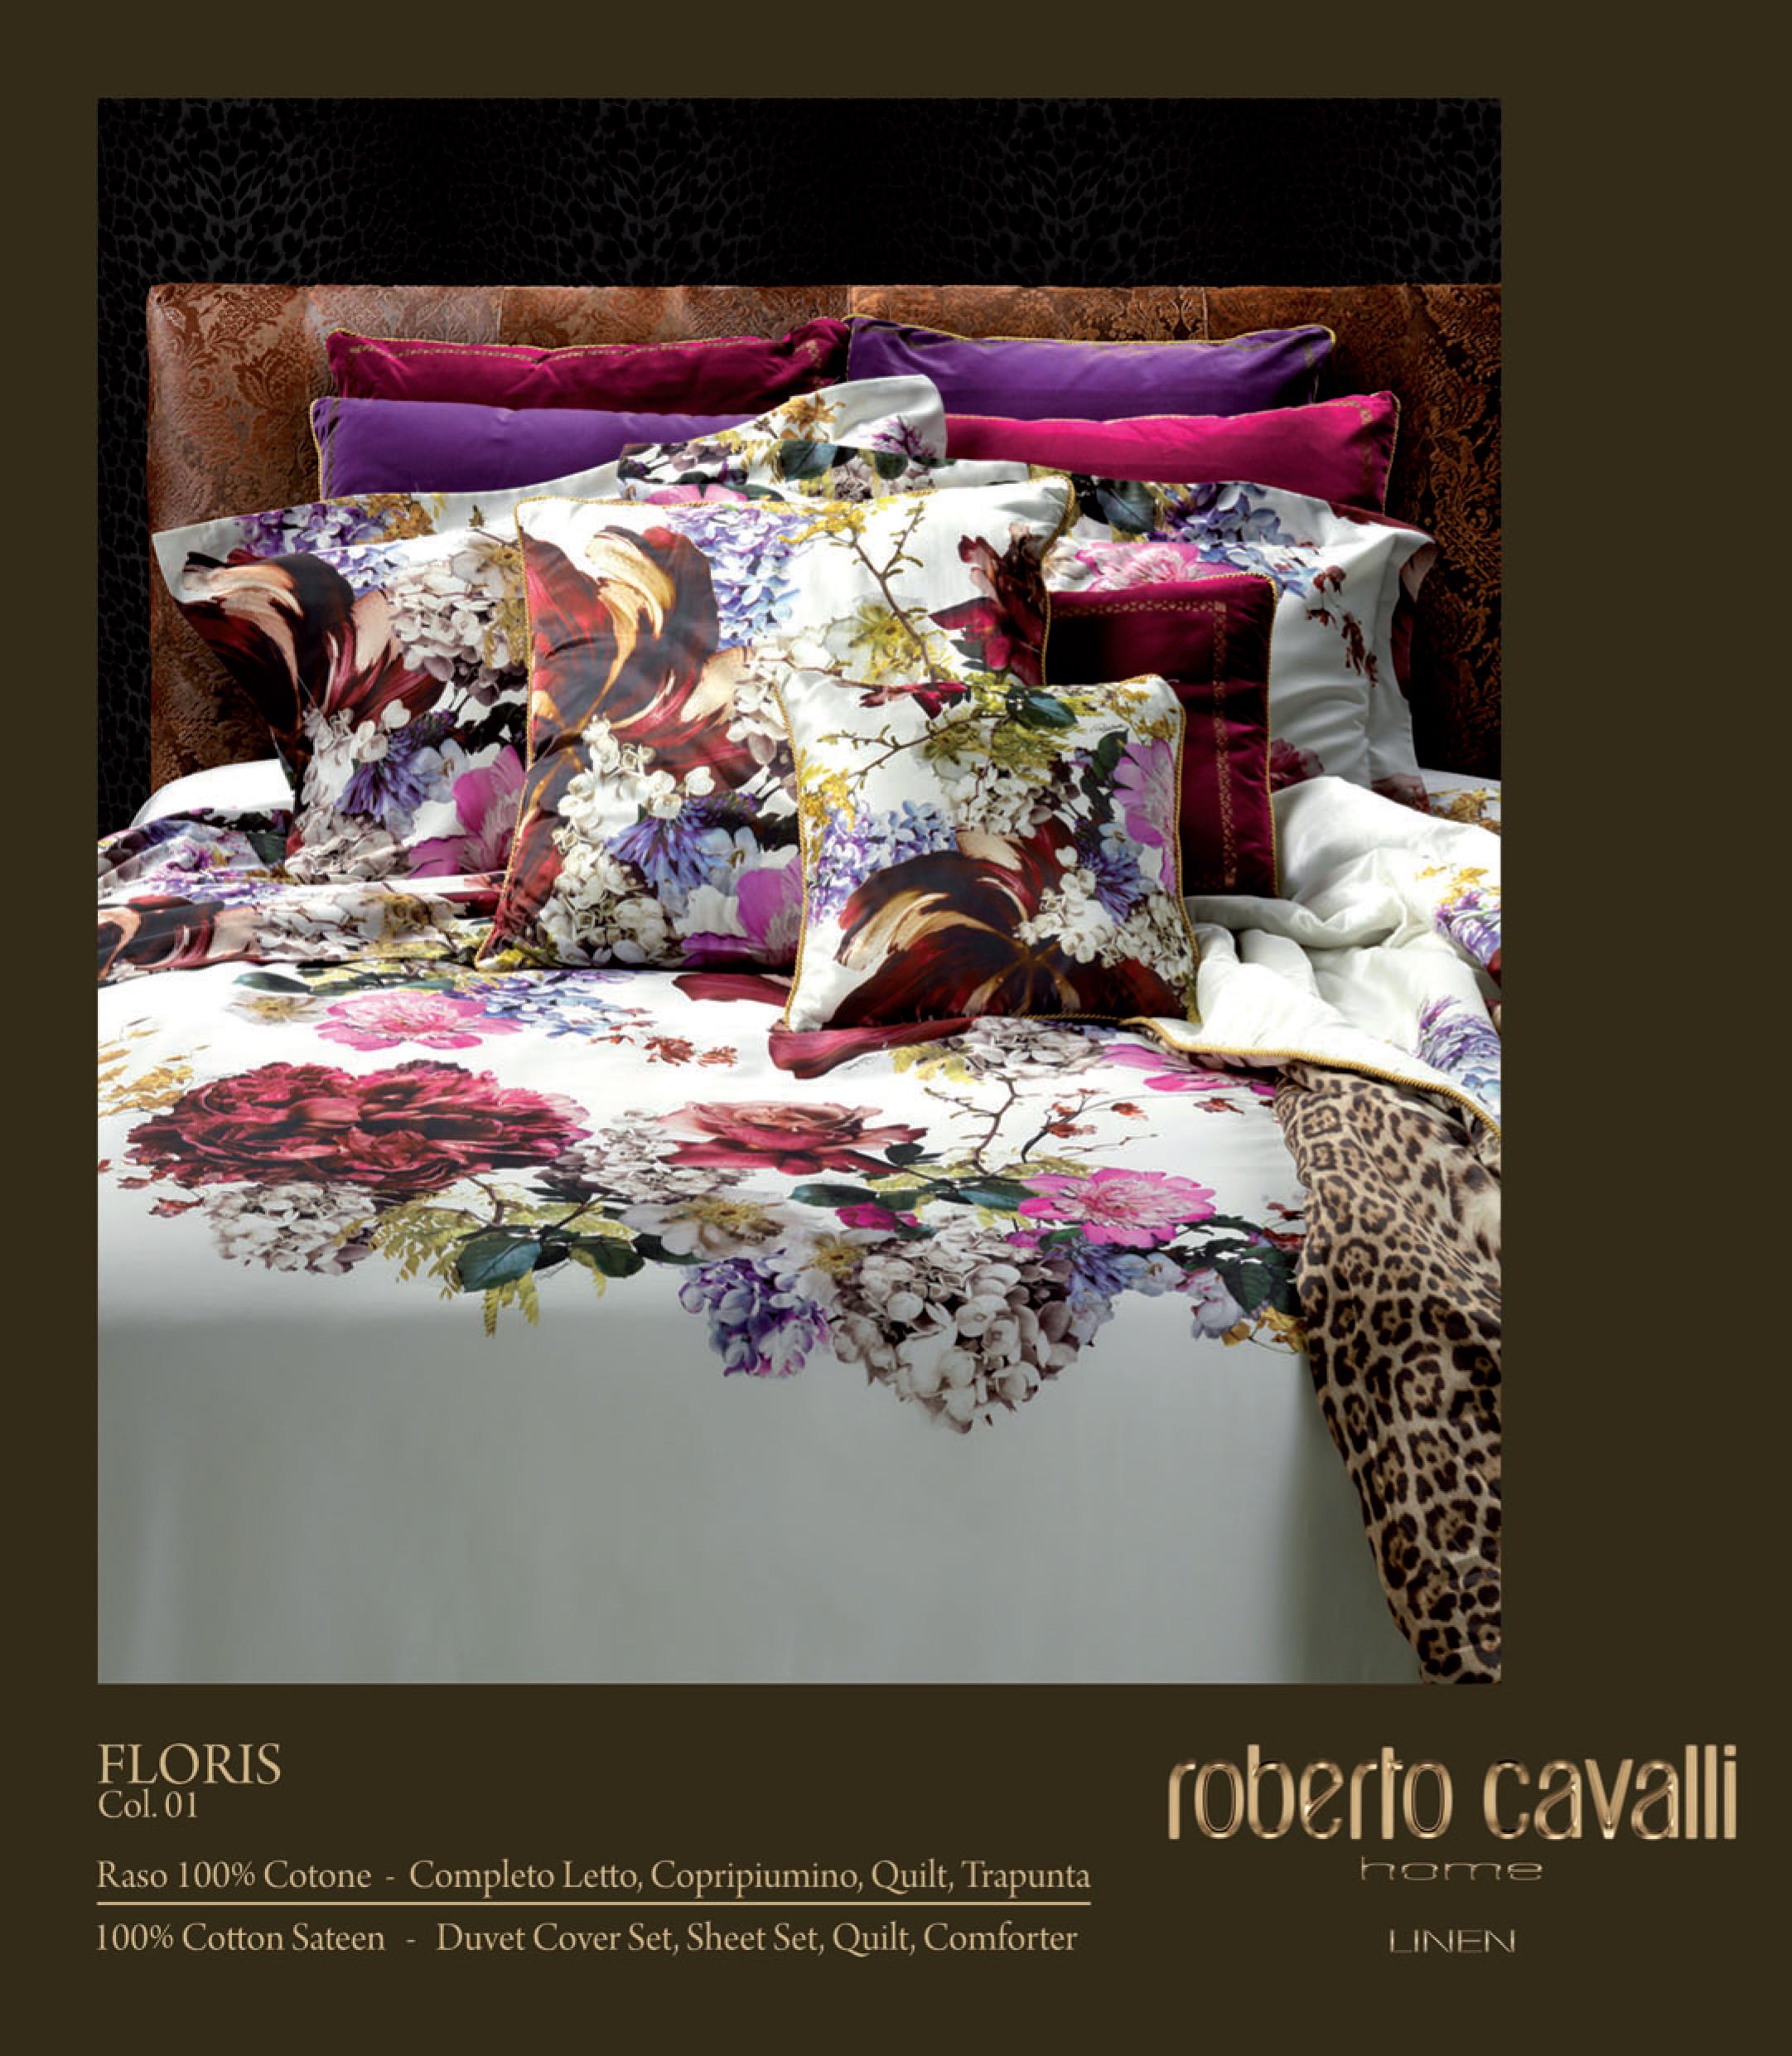 Copripiumino Matrimoniale Con Cavalli.Collezione Floris Di Roberto Cavalli Home In Omaggio Set Spugna